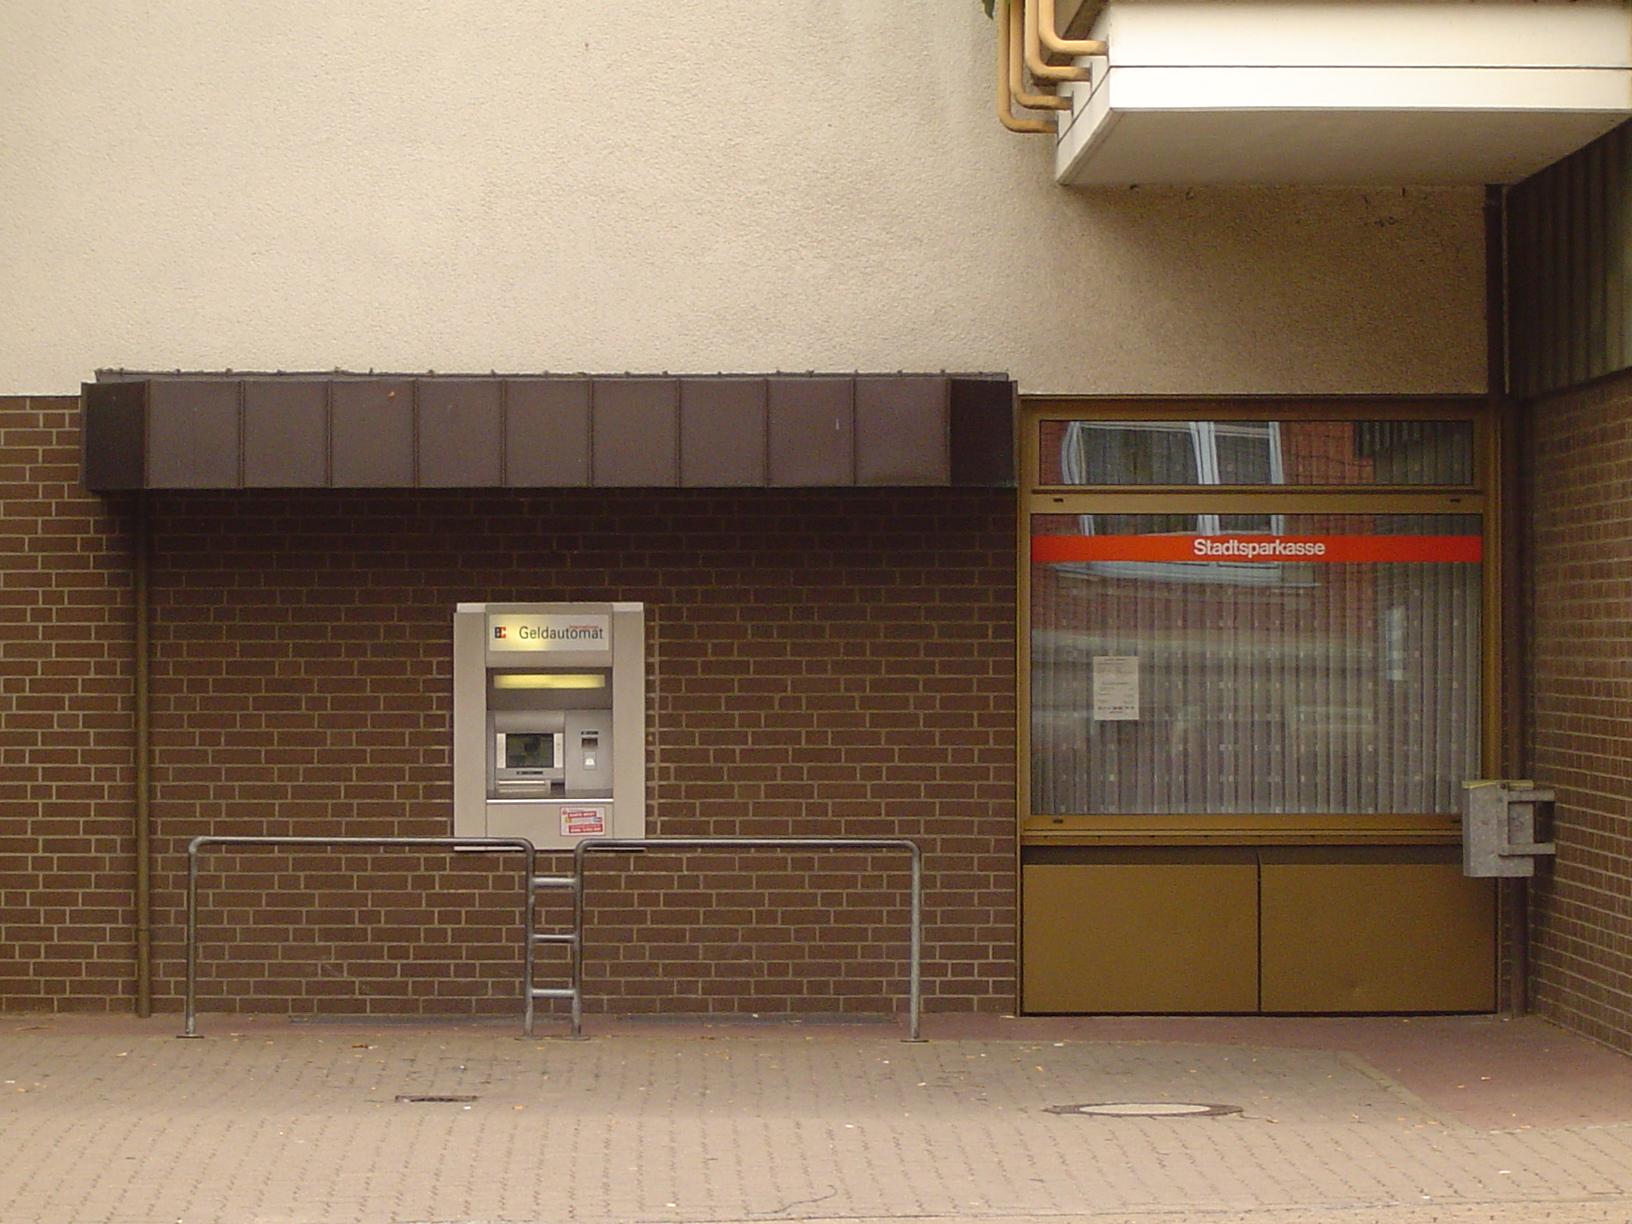 rigoletto cash dispenser cashdispenser atm money wall bank